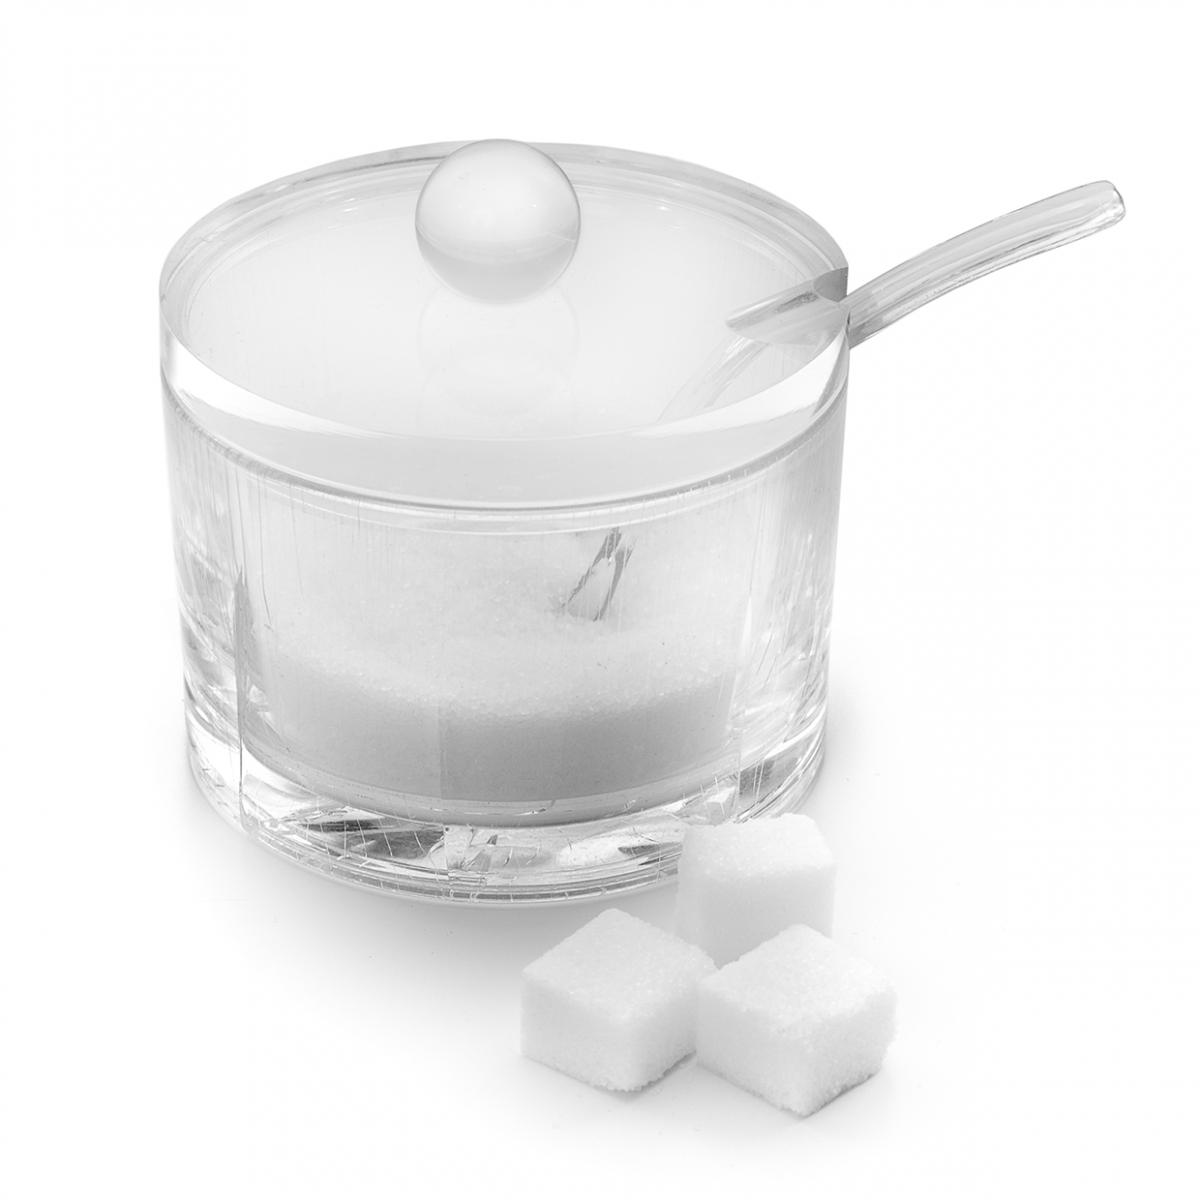 Imagen en la que se ve un azucarero con cucharilla